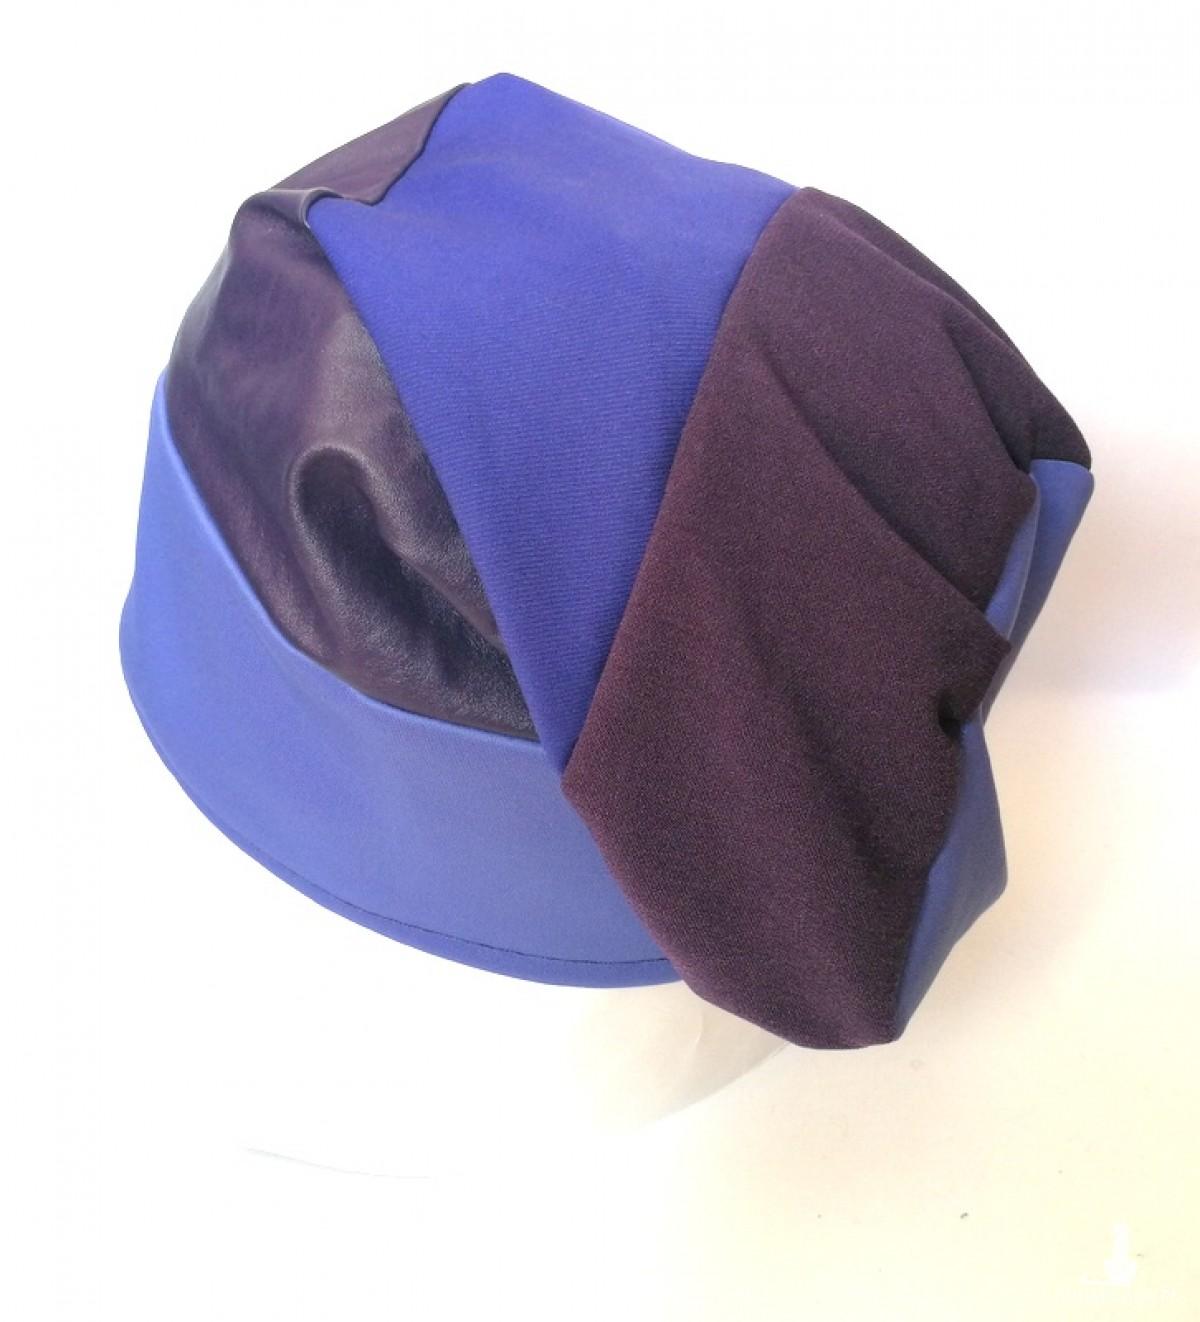 czapka duża smerfetka niebiesko-fioletowa